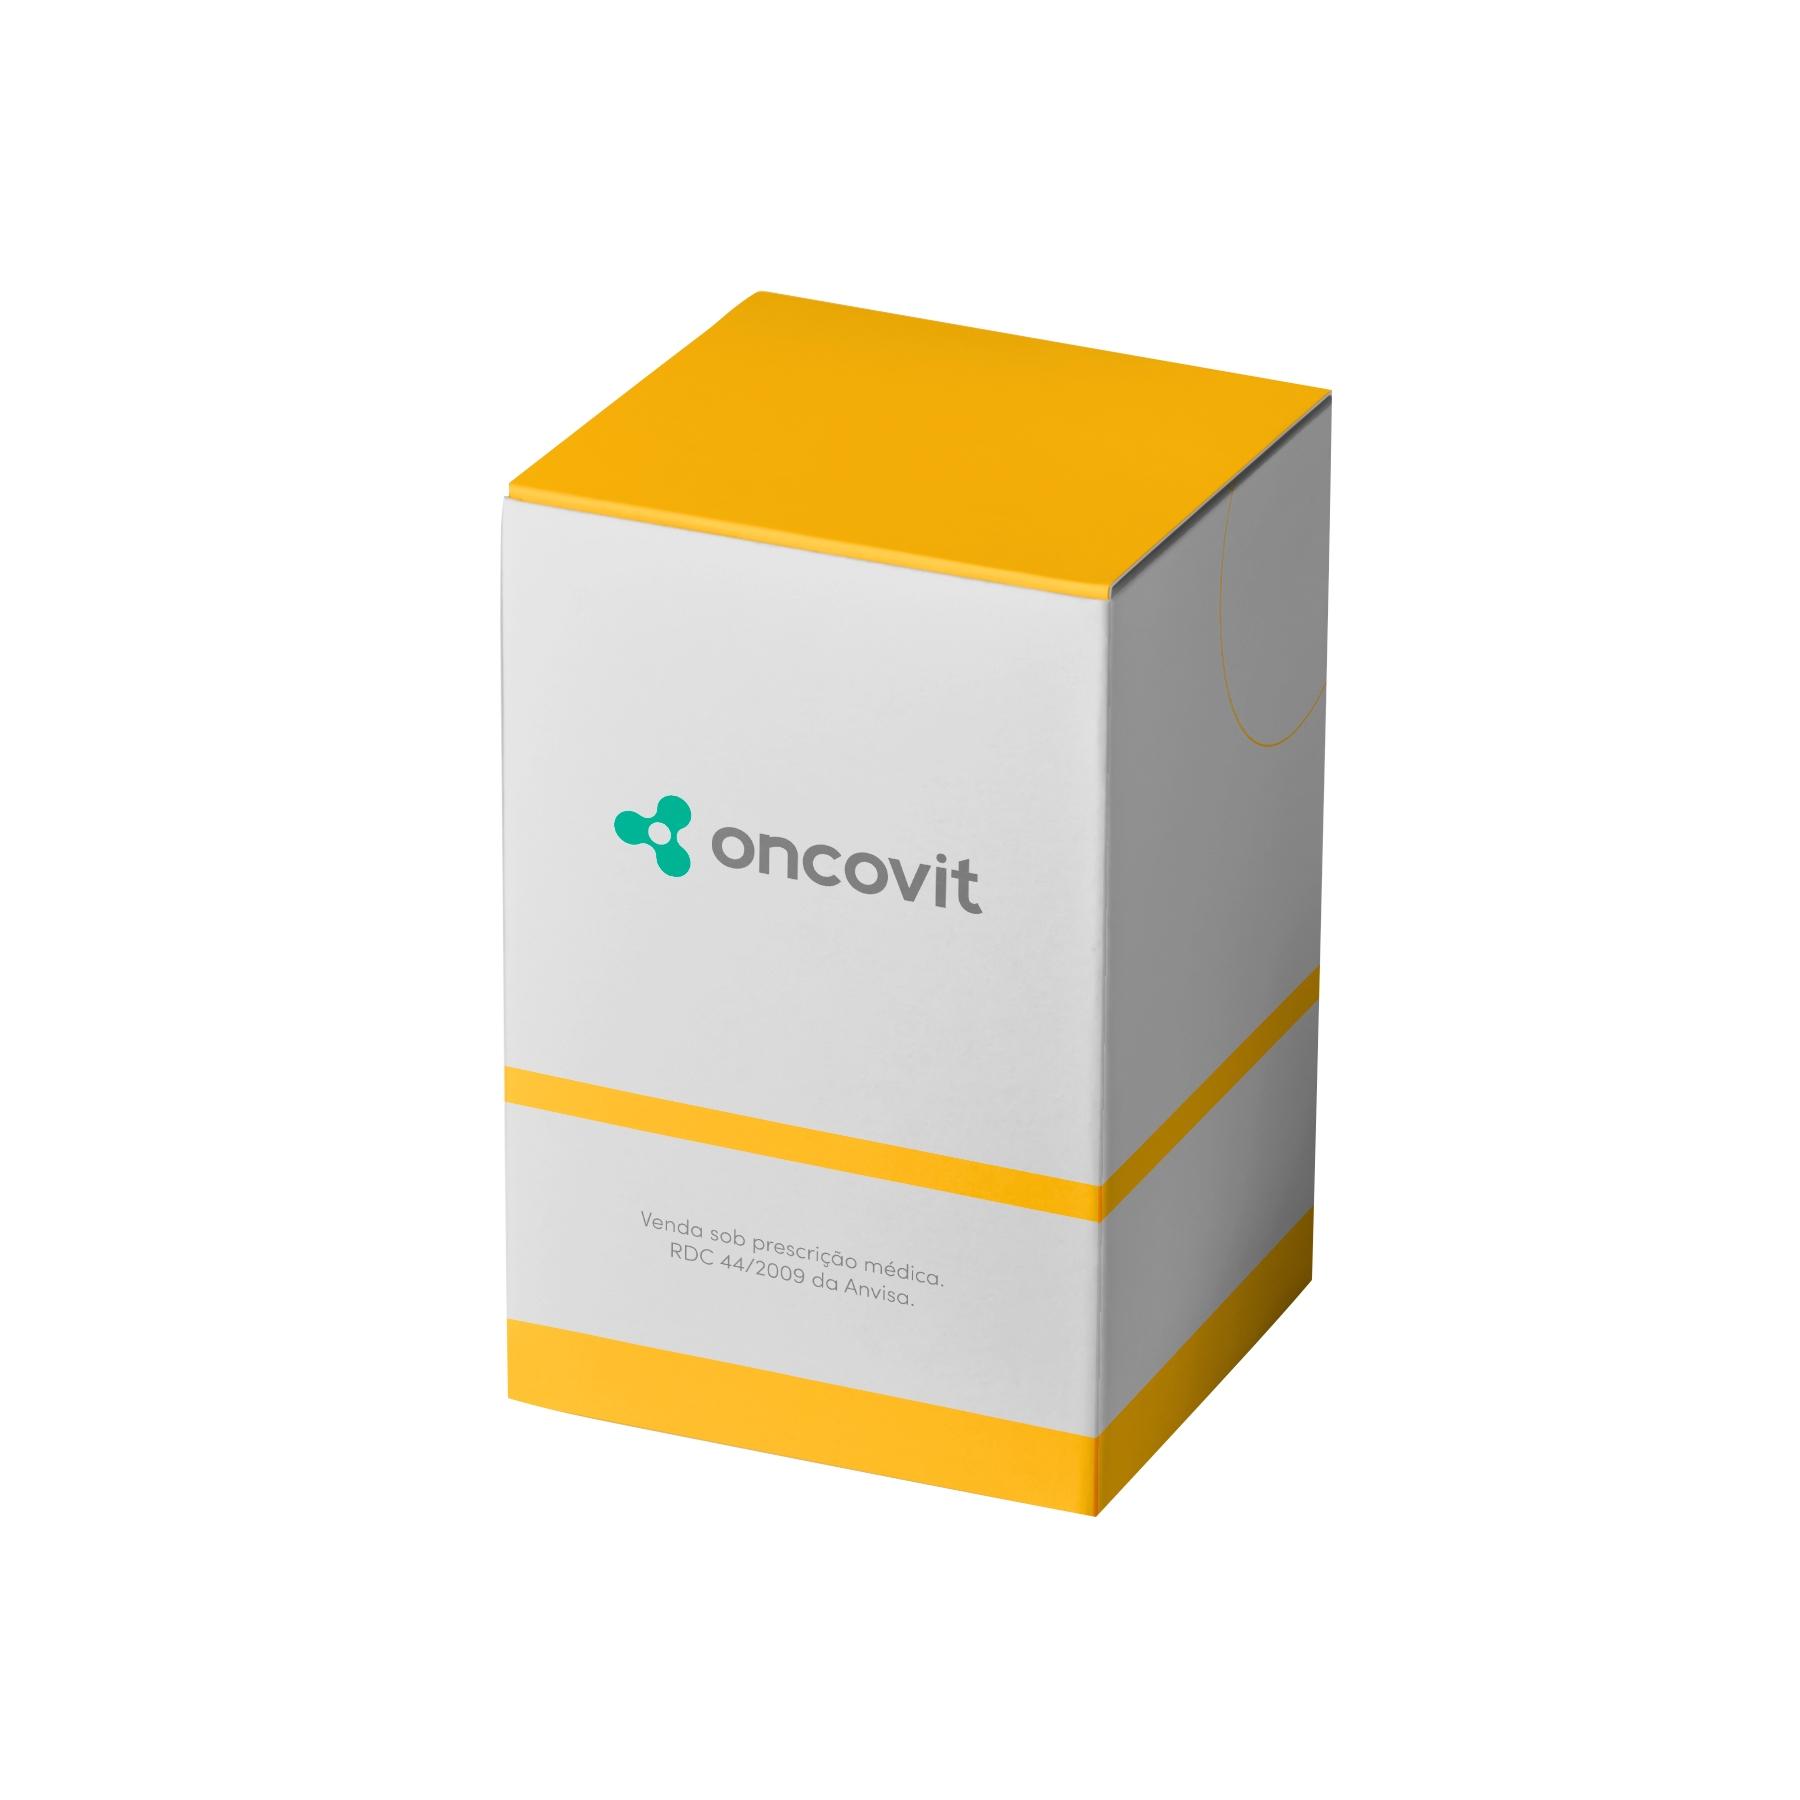 Prostavasin 20mcg caixa com 10 ampolas com pó para solução de uso intravenoso ou intra-arterial